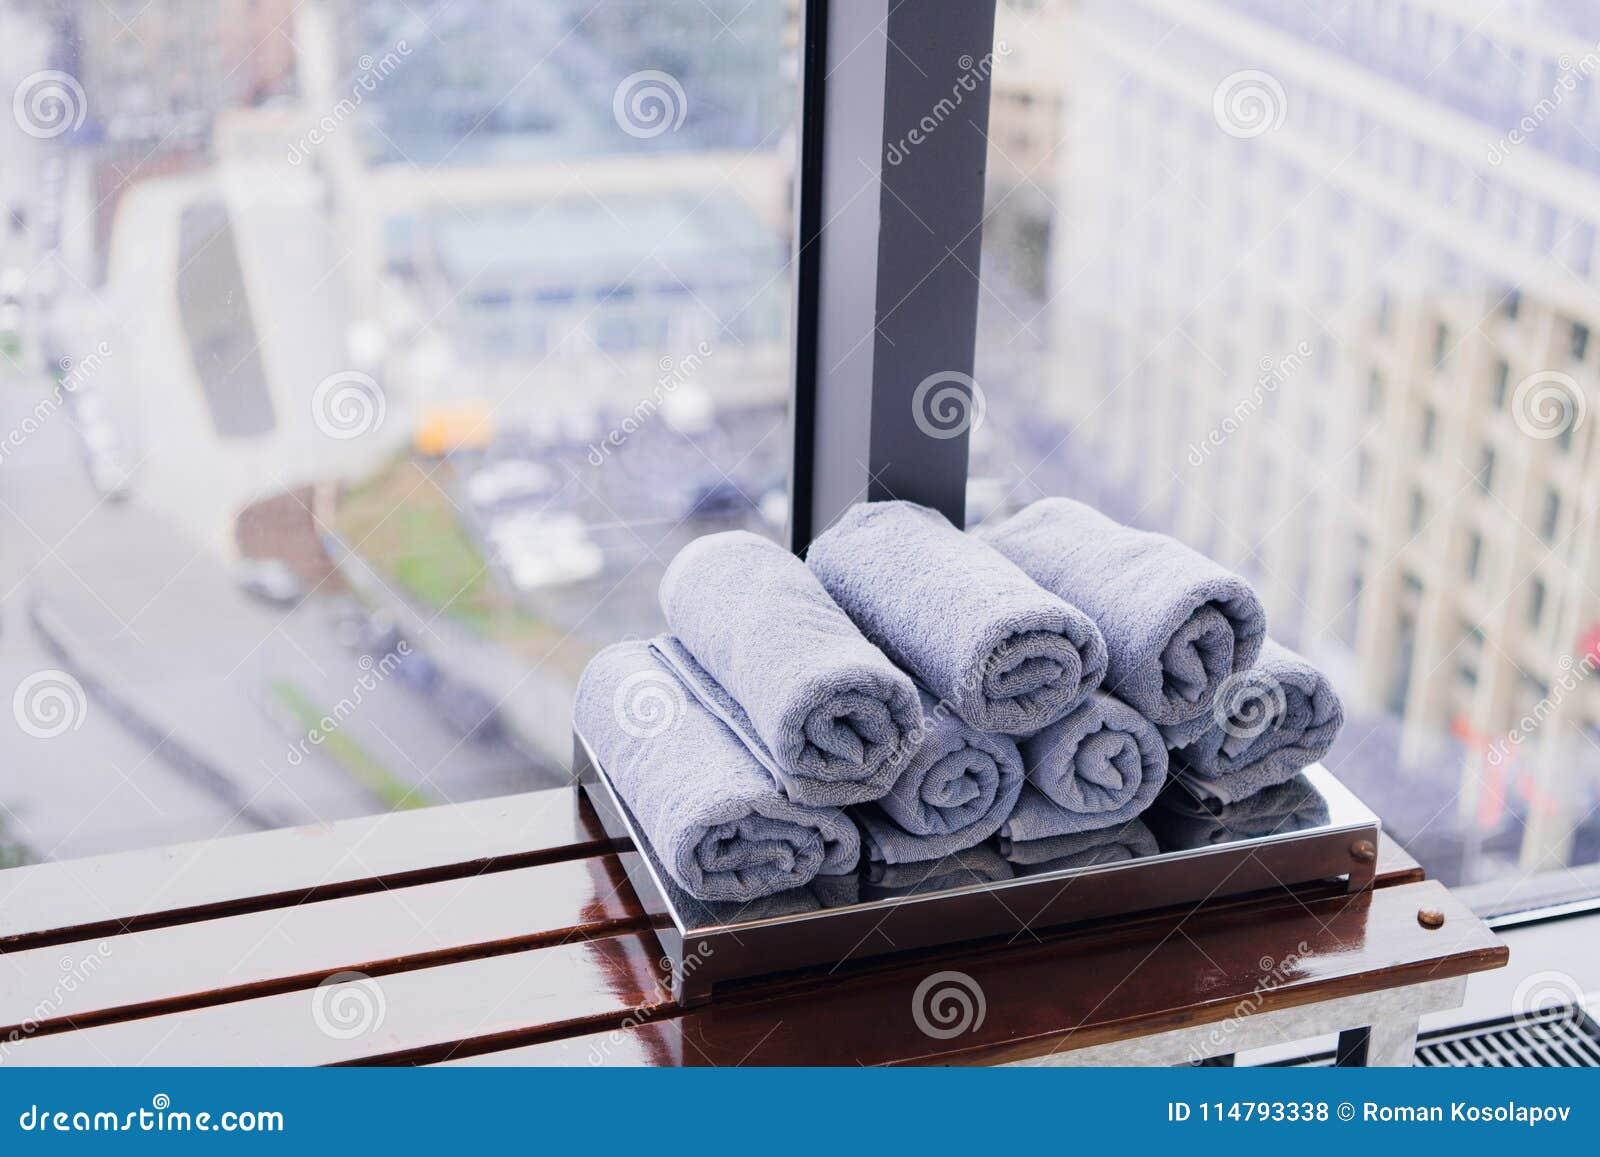 Stapel gerolde handdoeken in hotel bij gymnastiek met stadsmening